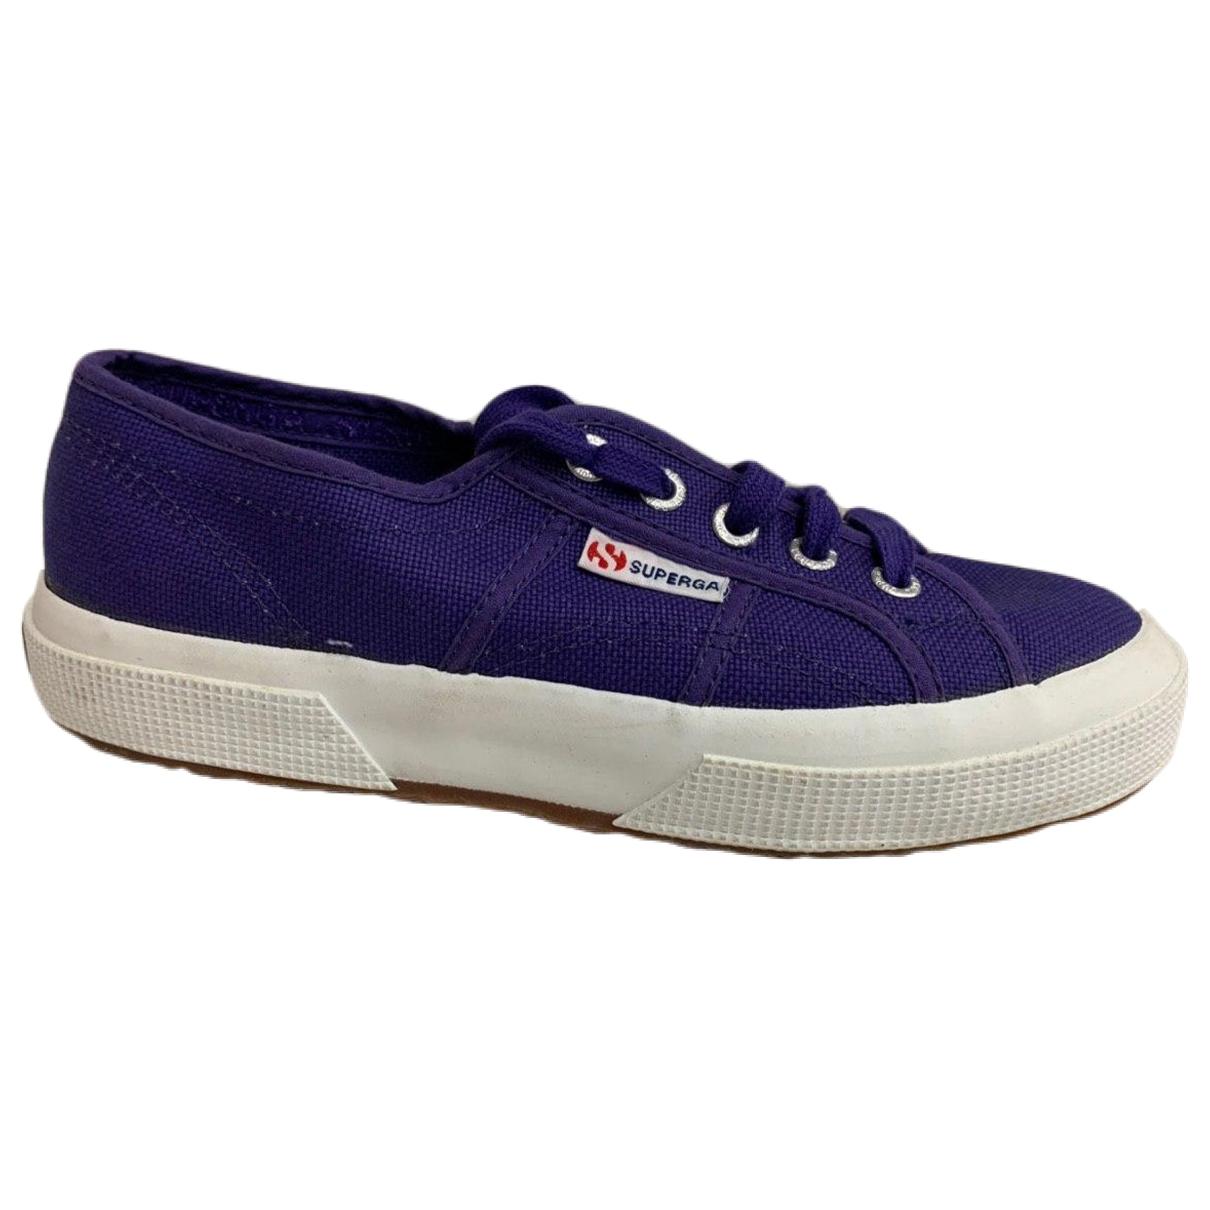 Superga - Baskets   pour femme en toile - violet